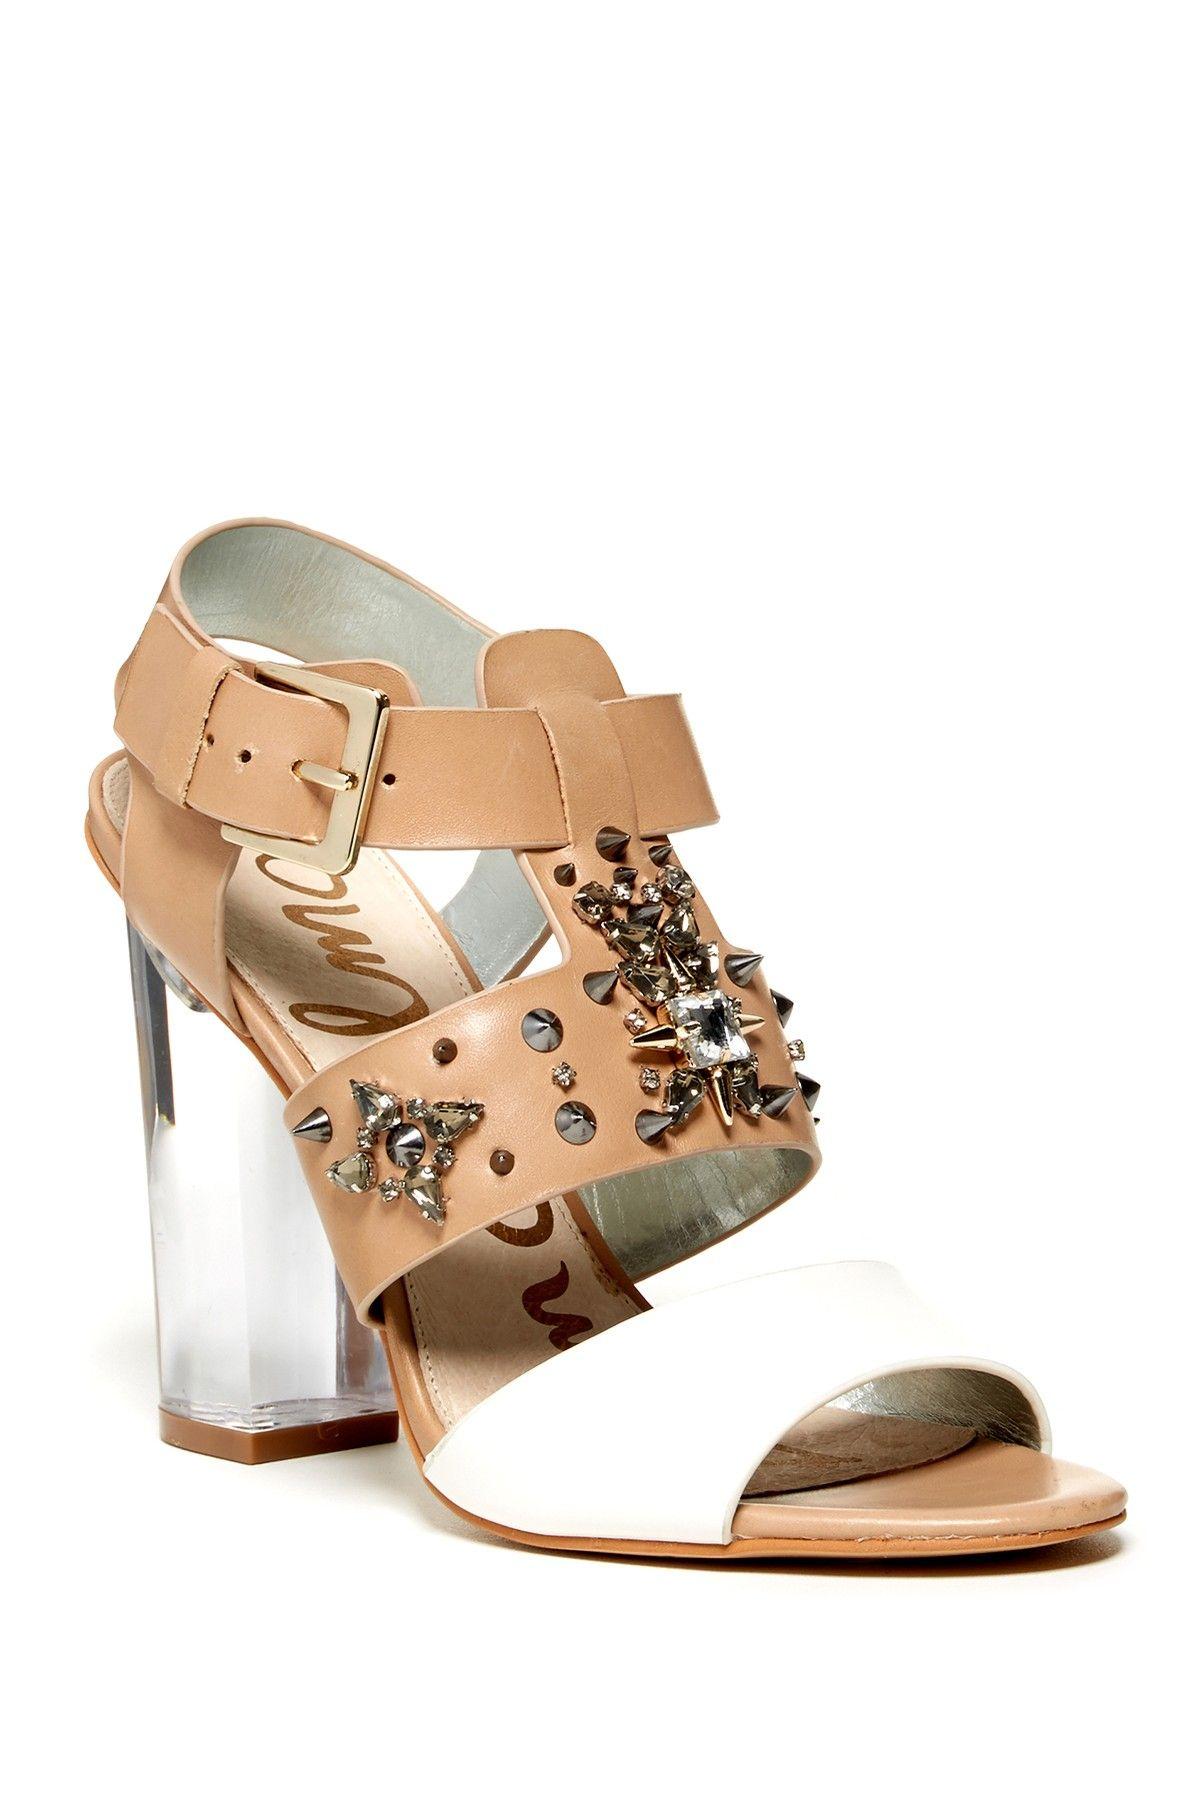 ccbc564070 Sam Edelman | Yara Clear Heel Sandal | h e e l s | Clear heels ...